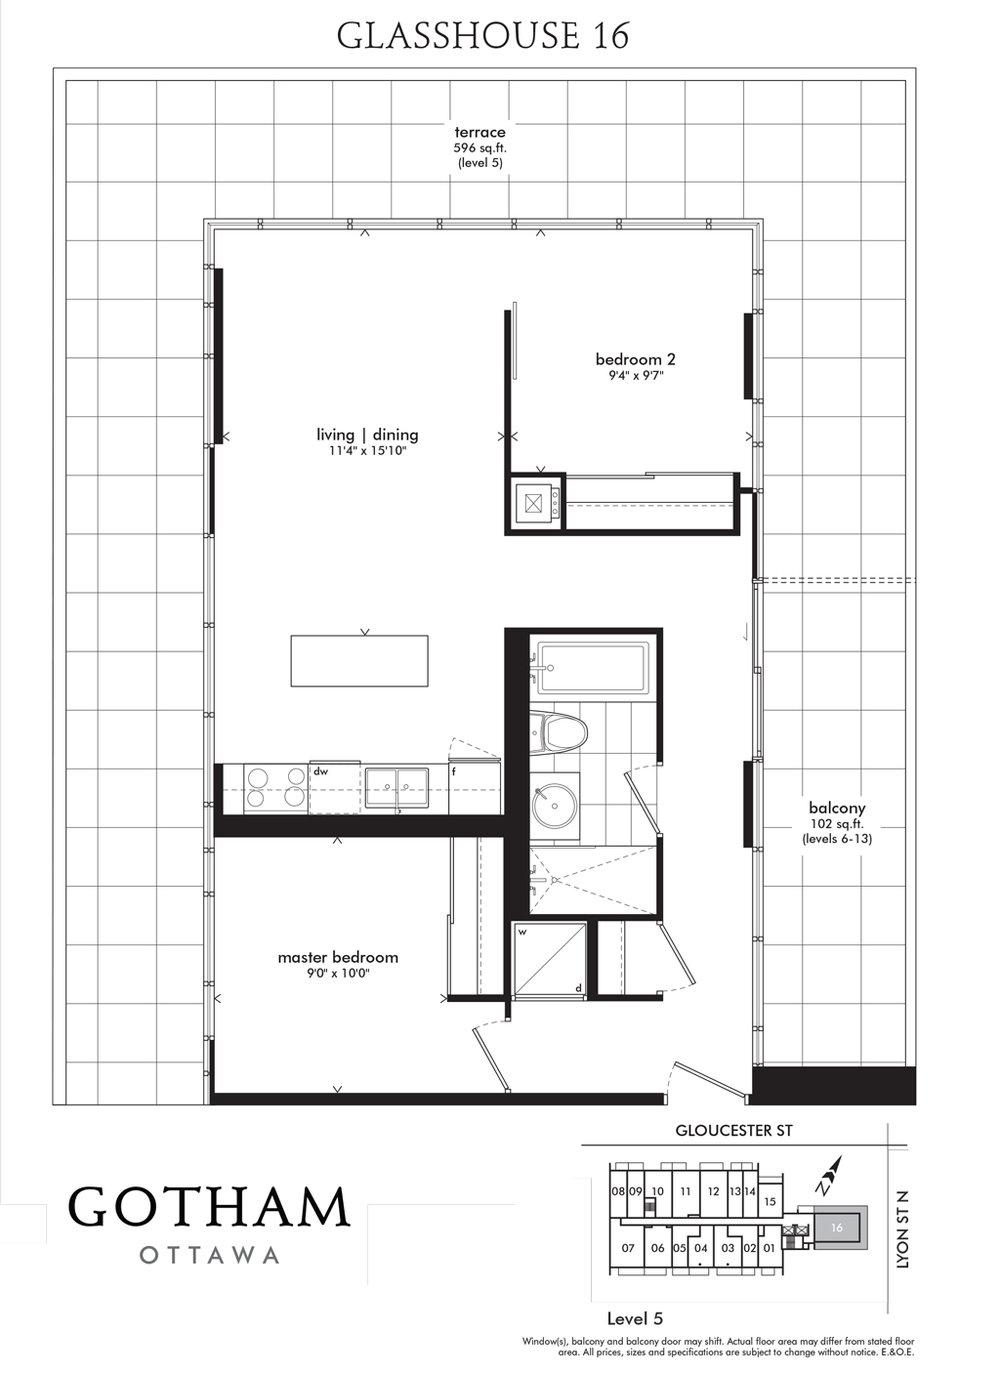 Gotham Condos Ottawa 224 Lyon Glasshouse Floorplan